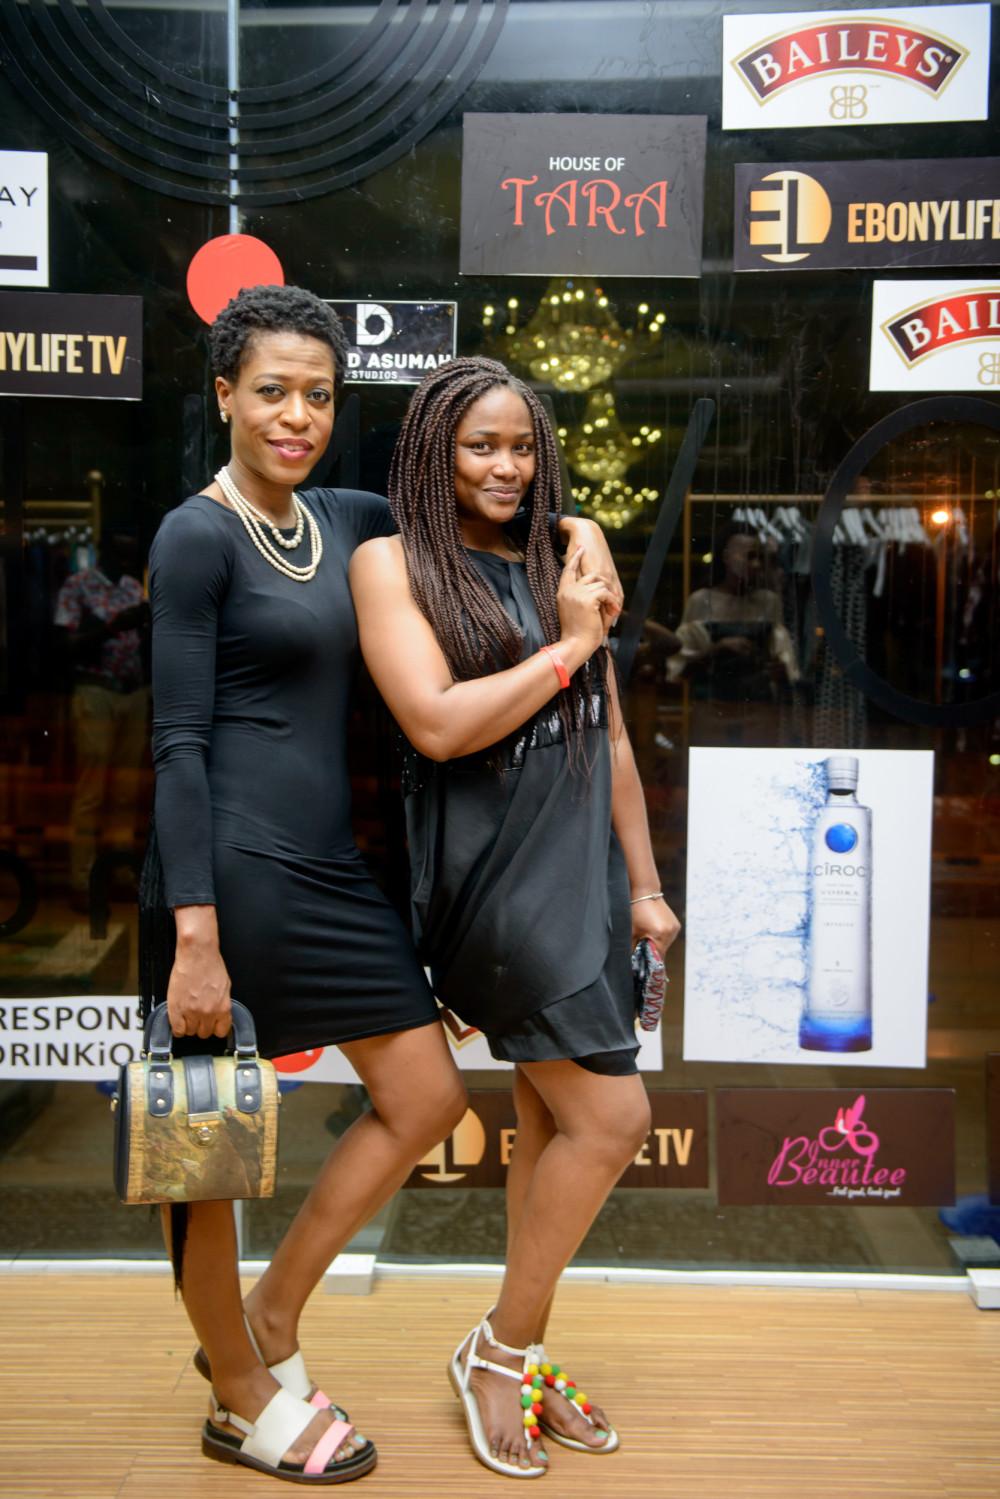 Ezinne Zinkata, Onah Nwachukwu